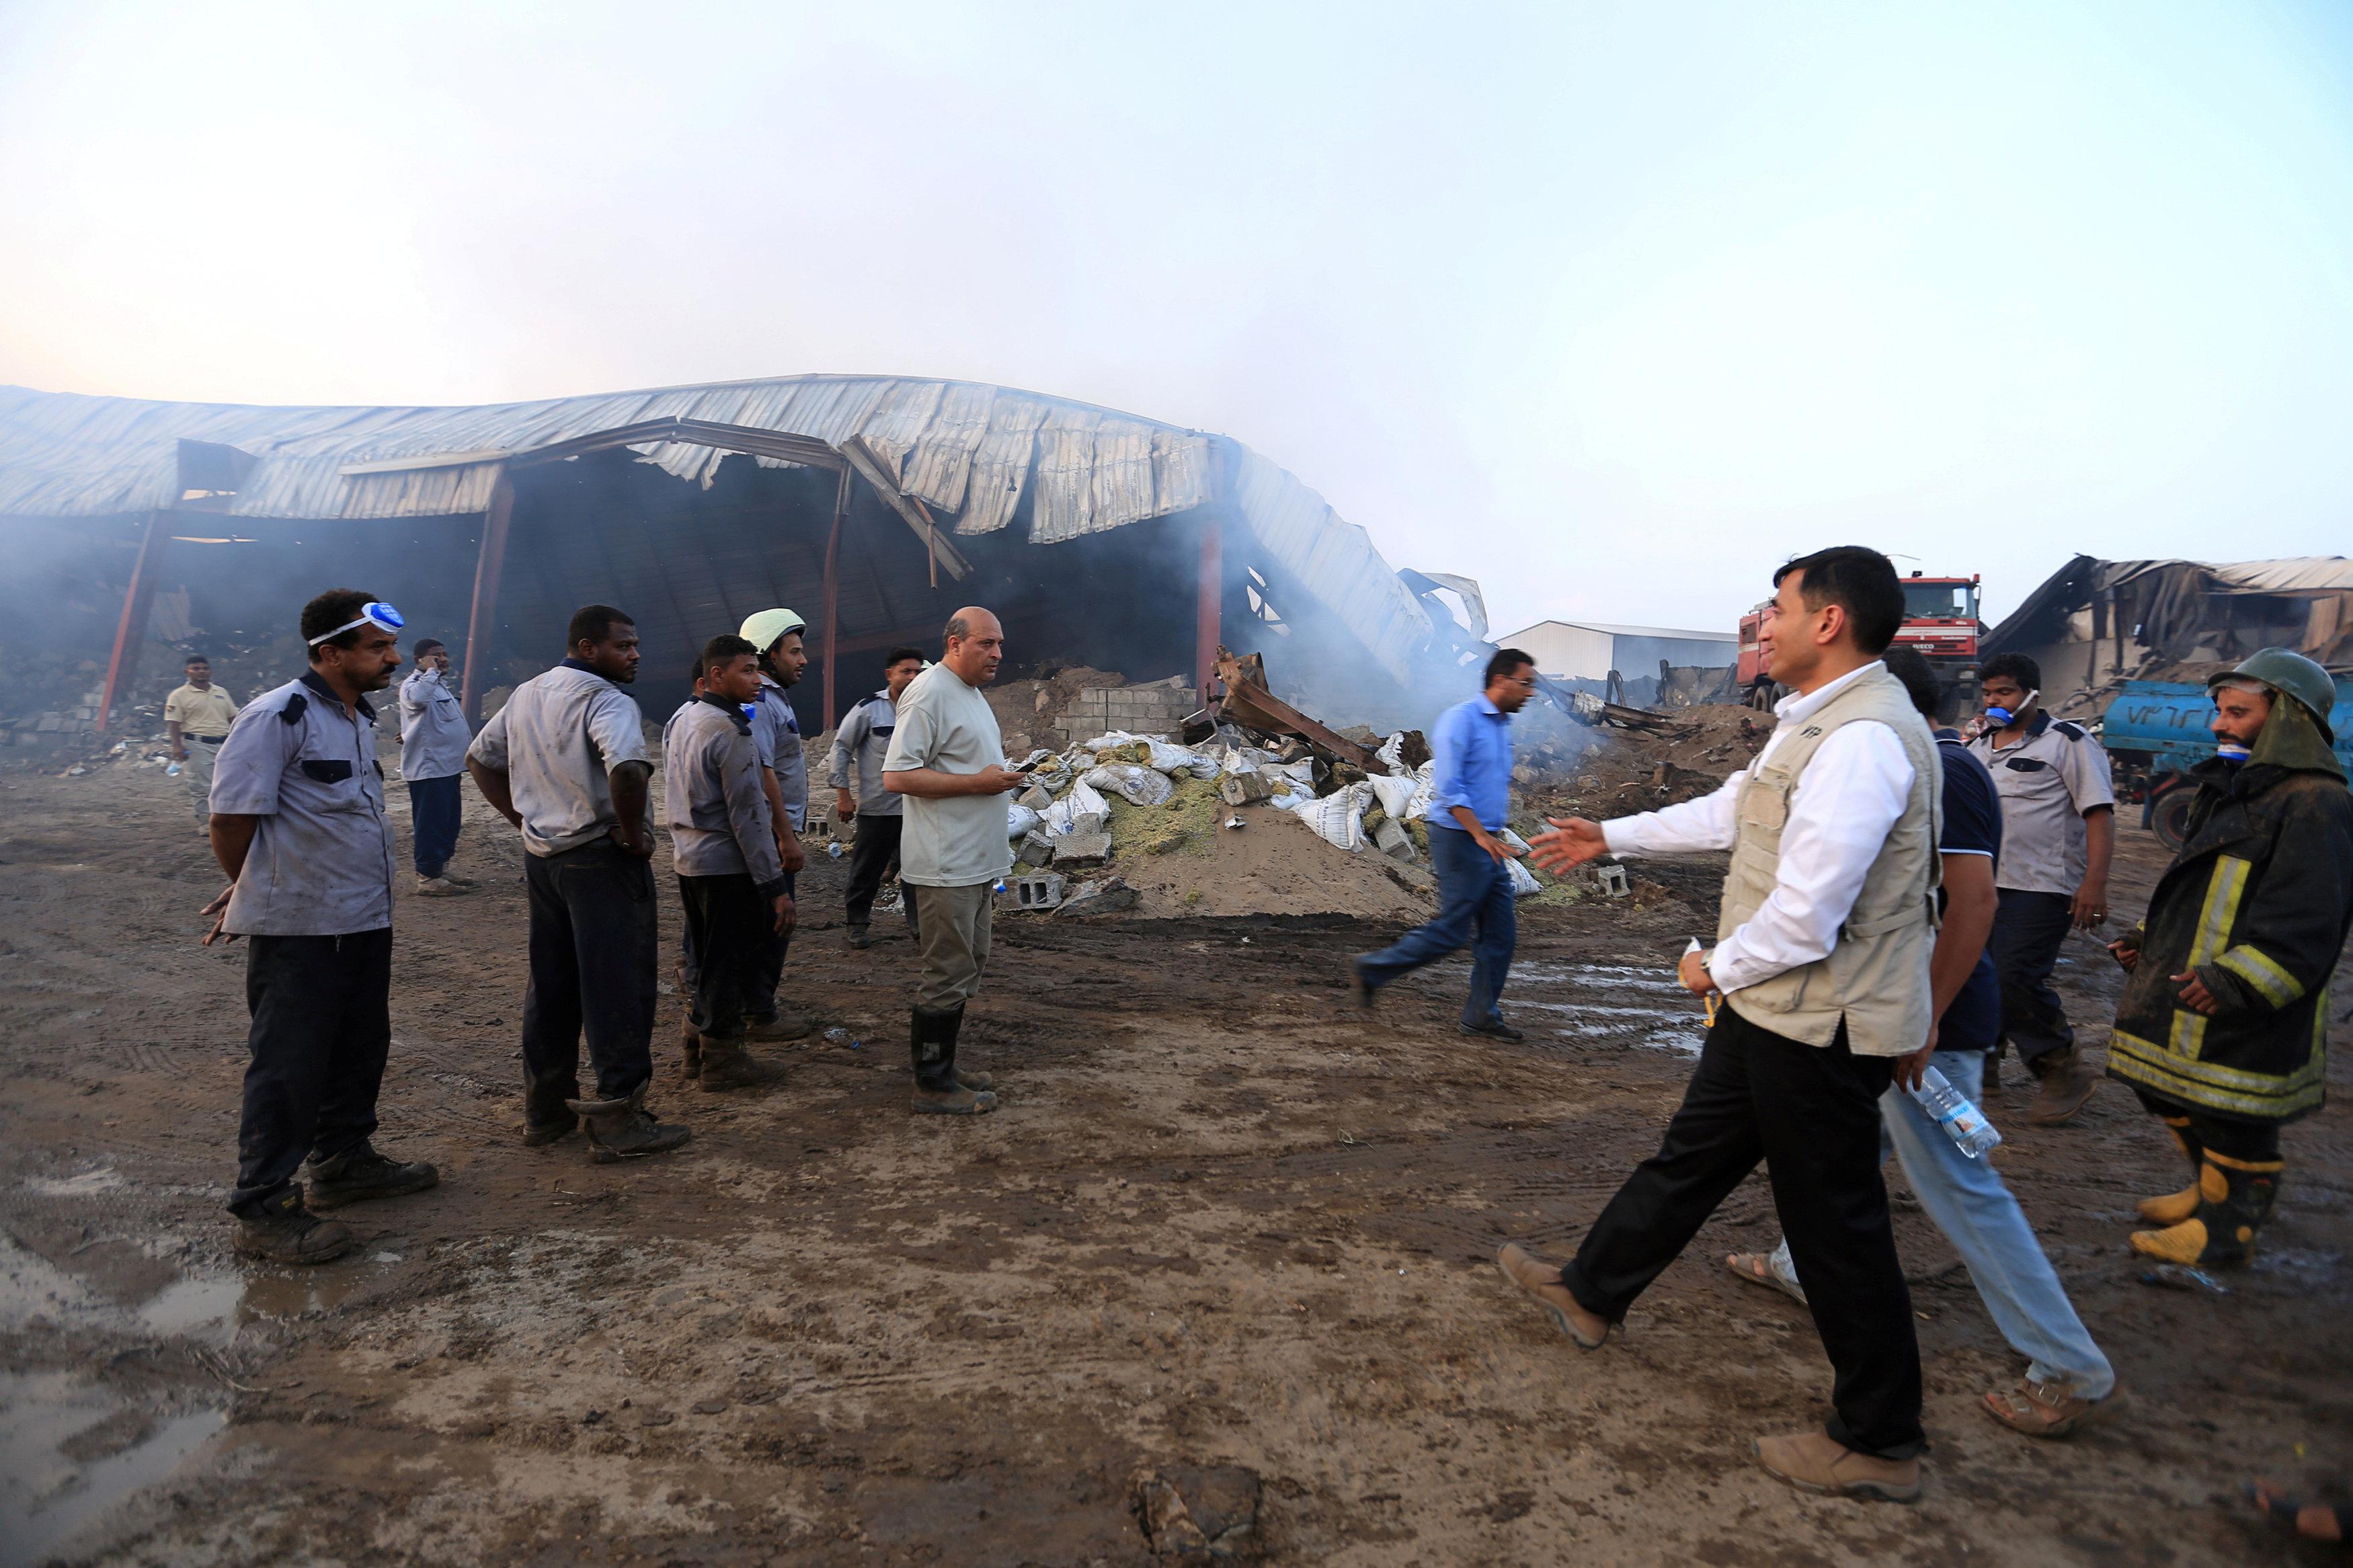 Los trabajadores humanitarios inspeccionan los almacenes del Programa Mundial de Alimentos un día después de que el fuego los envolviera en la ciudad portuaria de Hodeida, Yemen, el 1 de abril de 2018. REUTERS / Abduljabbar Zeyad